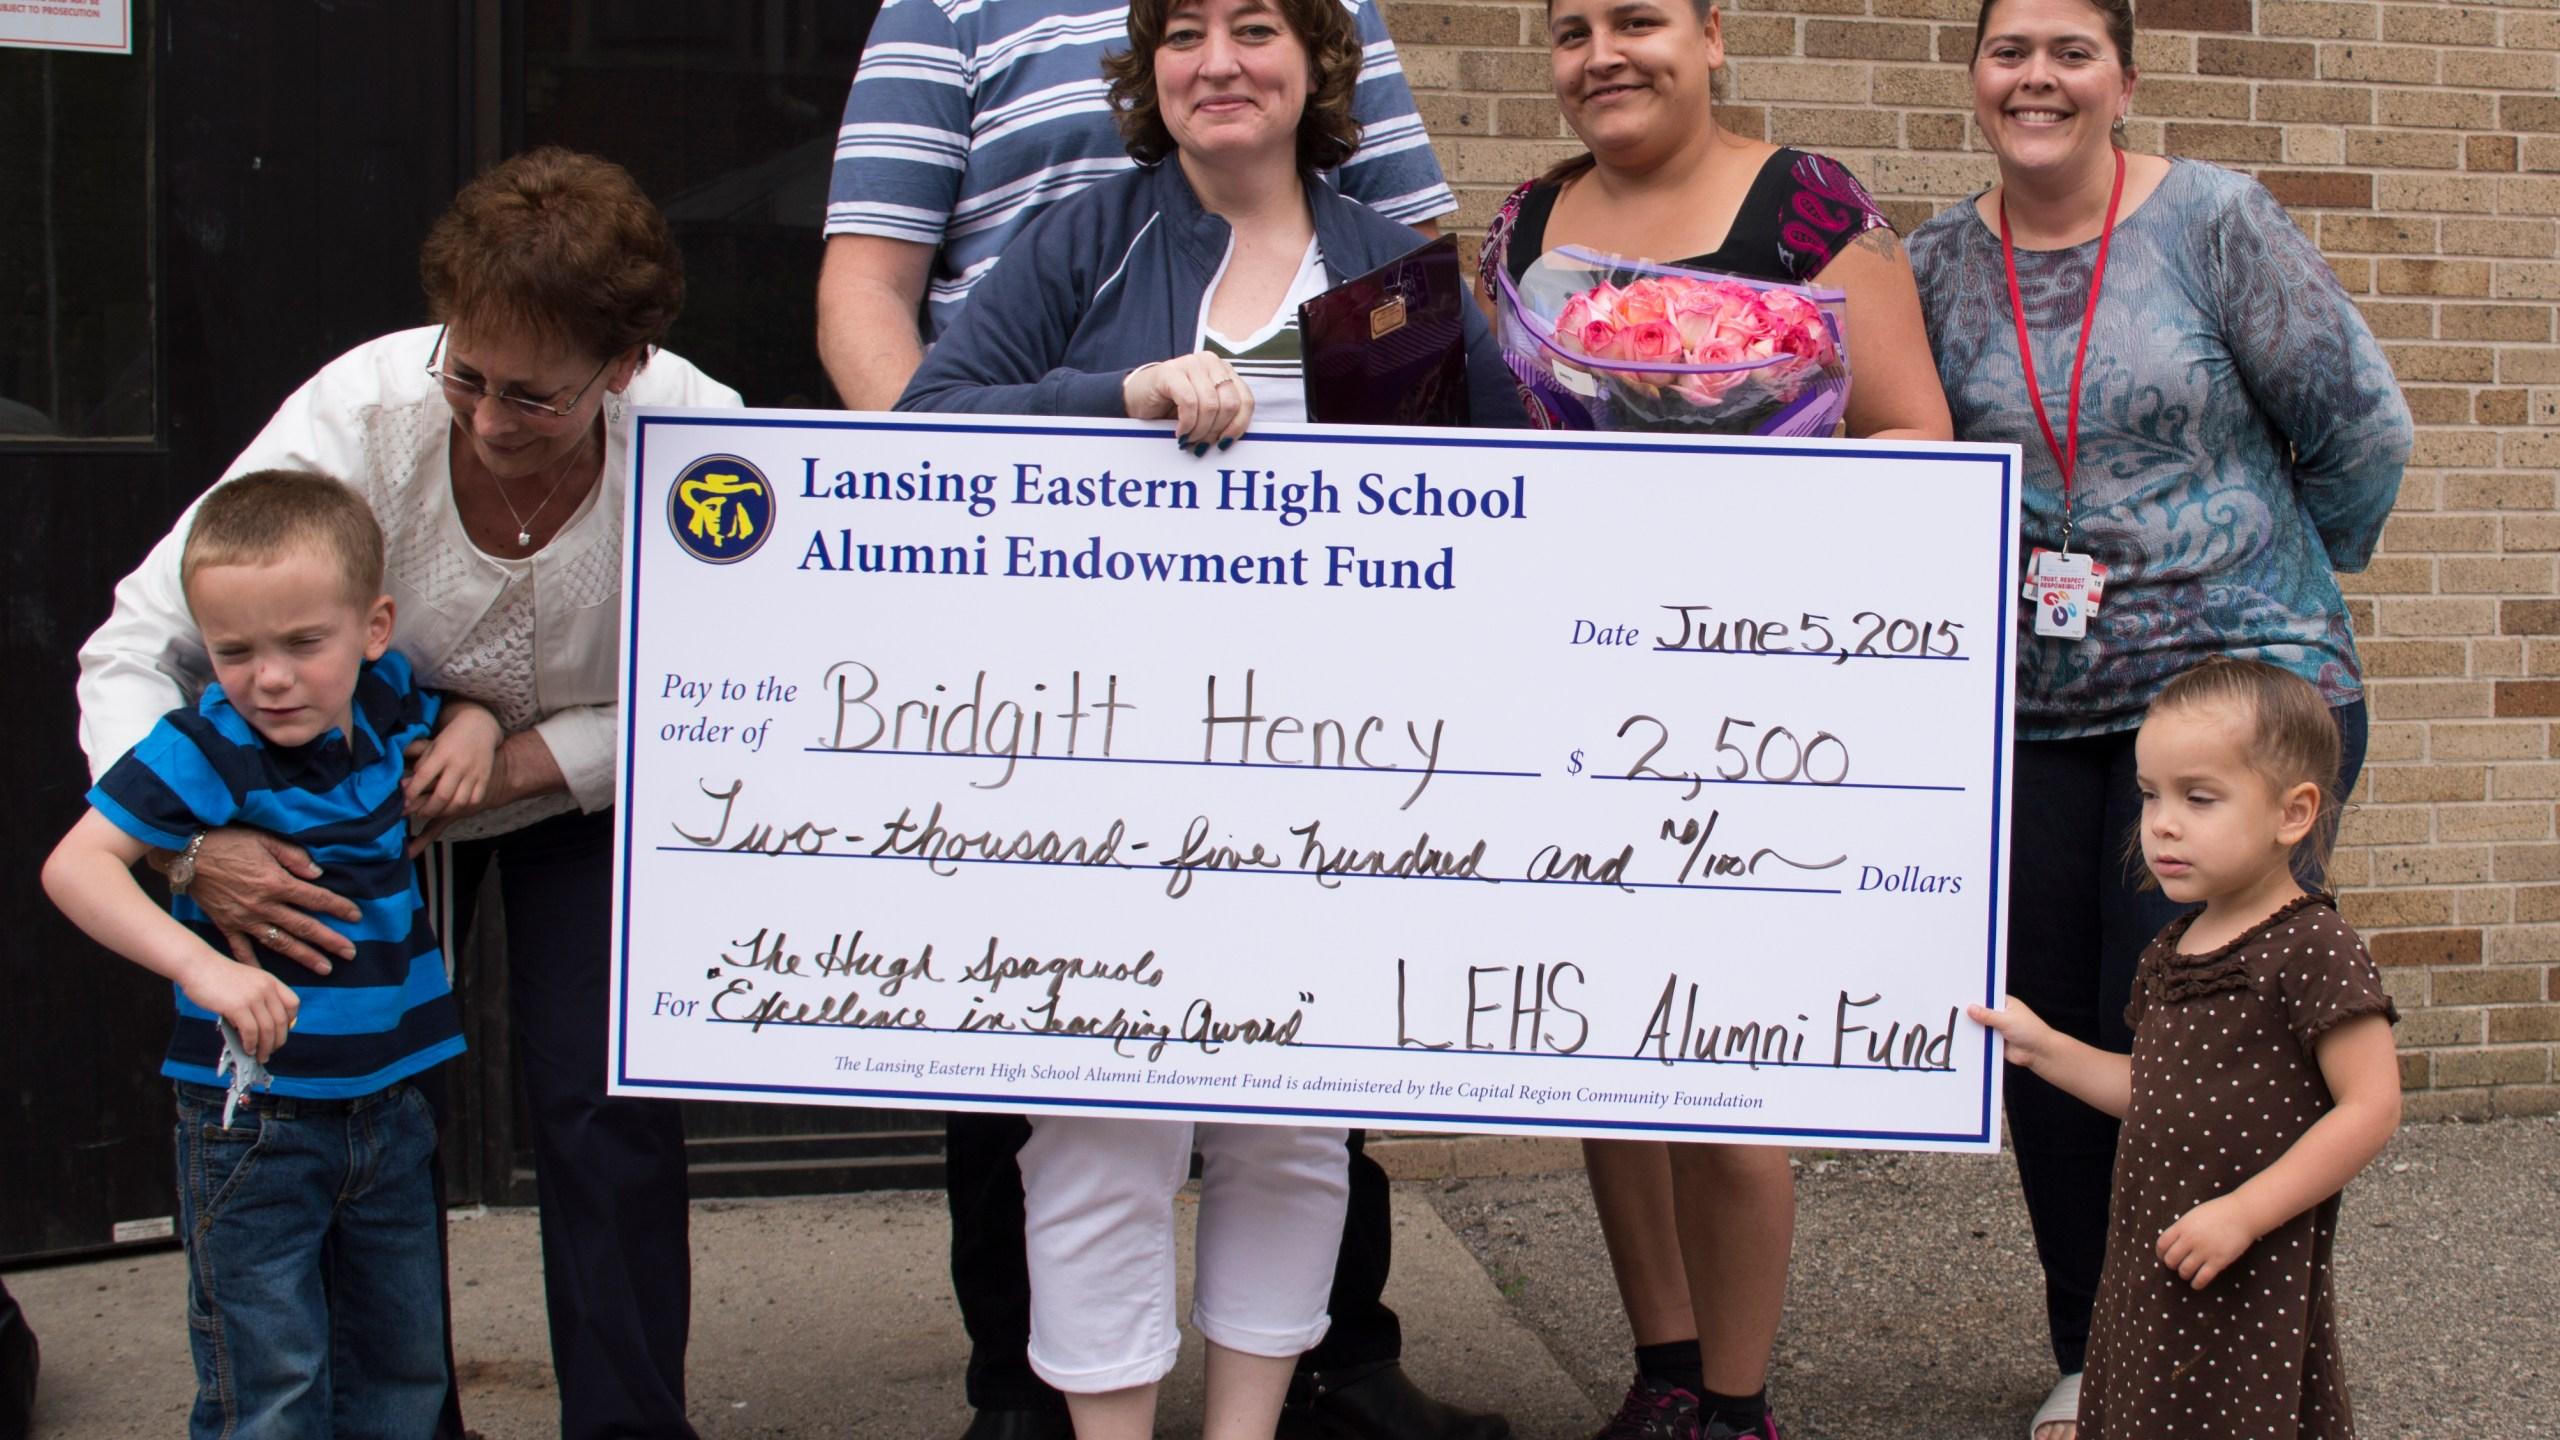 Bridgett Hency LEHS 2015 winner with family_56505